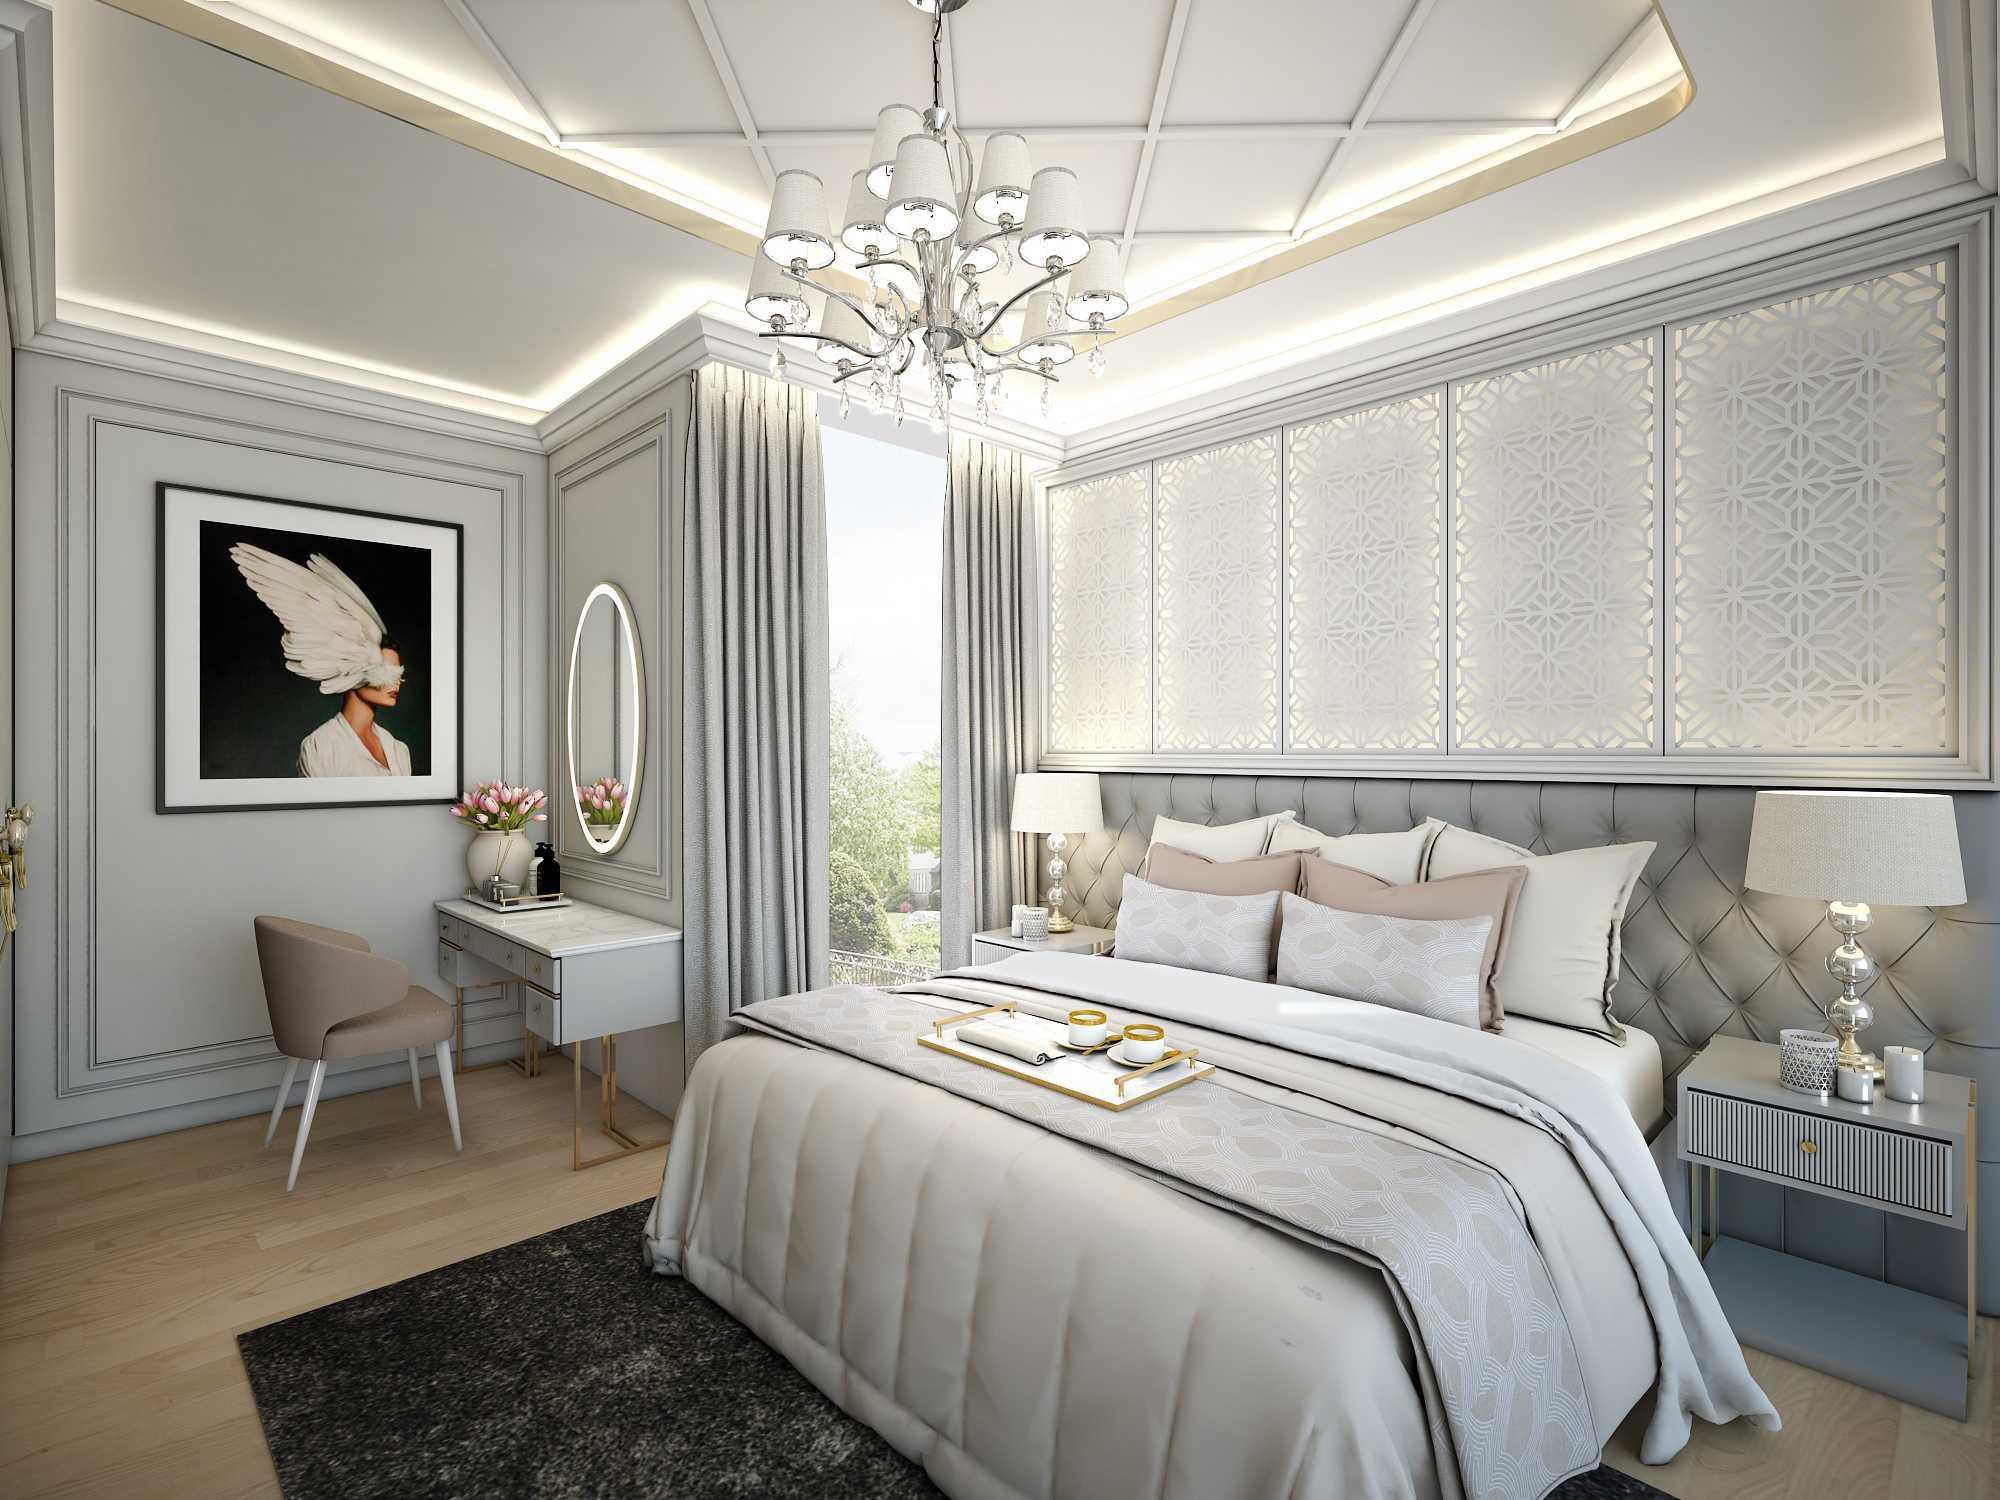 Mimic Concept Mrs. V - Bedroom Bandung, Kota Bandung, Jawa Barat, Indonesia Bandung, Kota Bandung, Jawa Barat, Indonesia Guest Room 1 Classic  88222